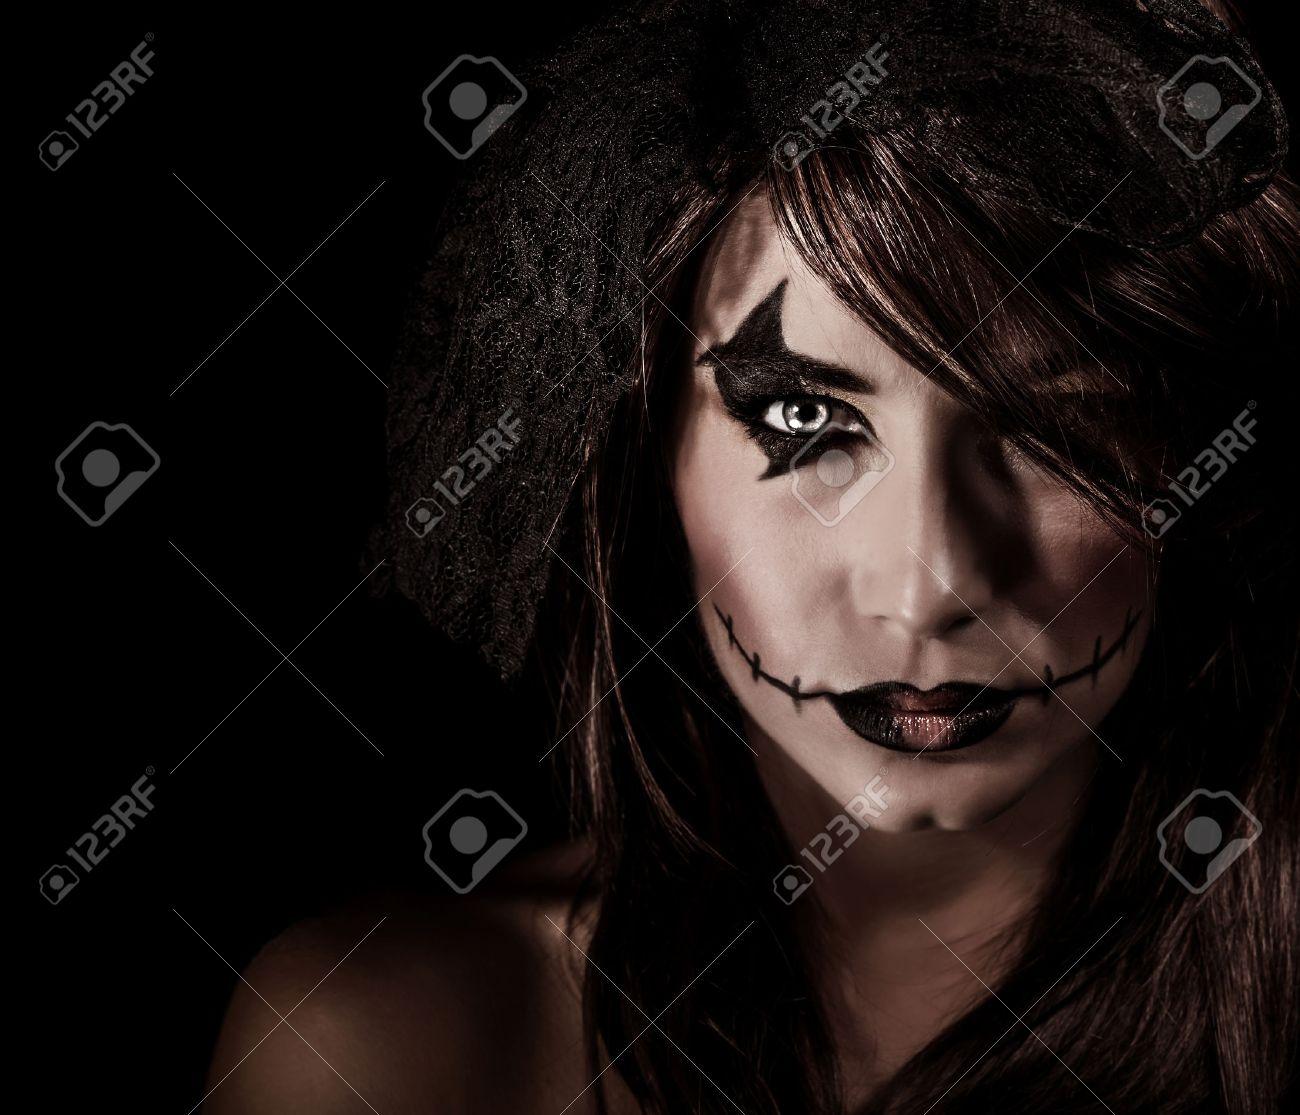 Erschreckend Hexe Portrat Auf Schwarzem Hintergrund Attraktive Frau